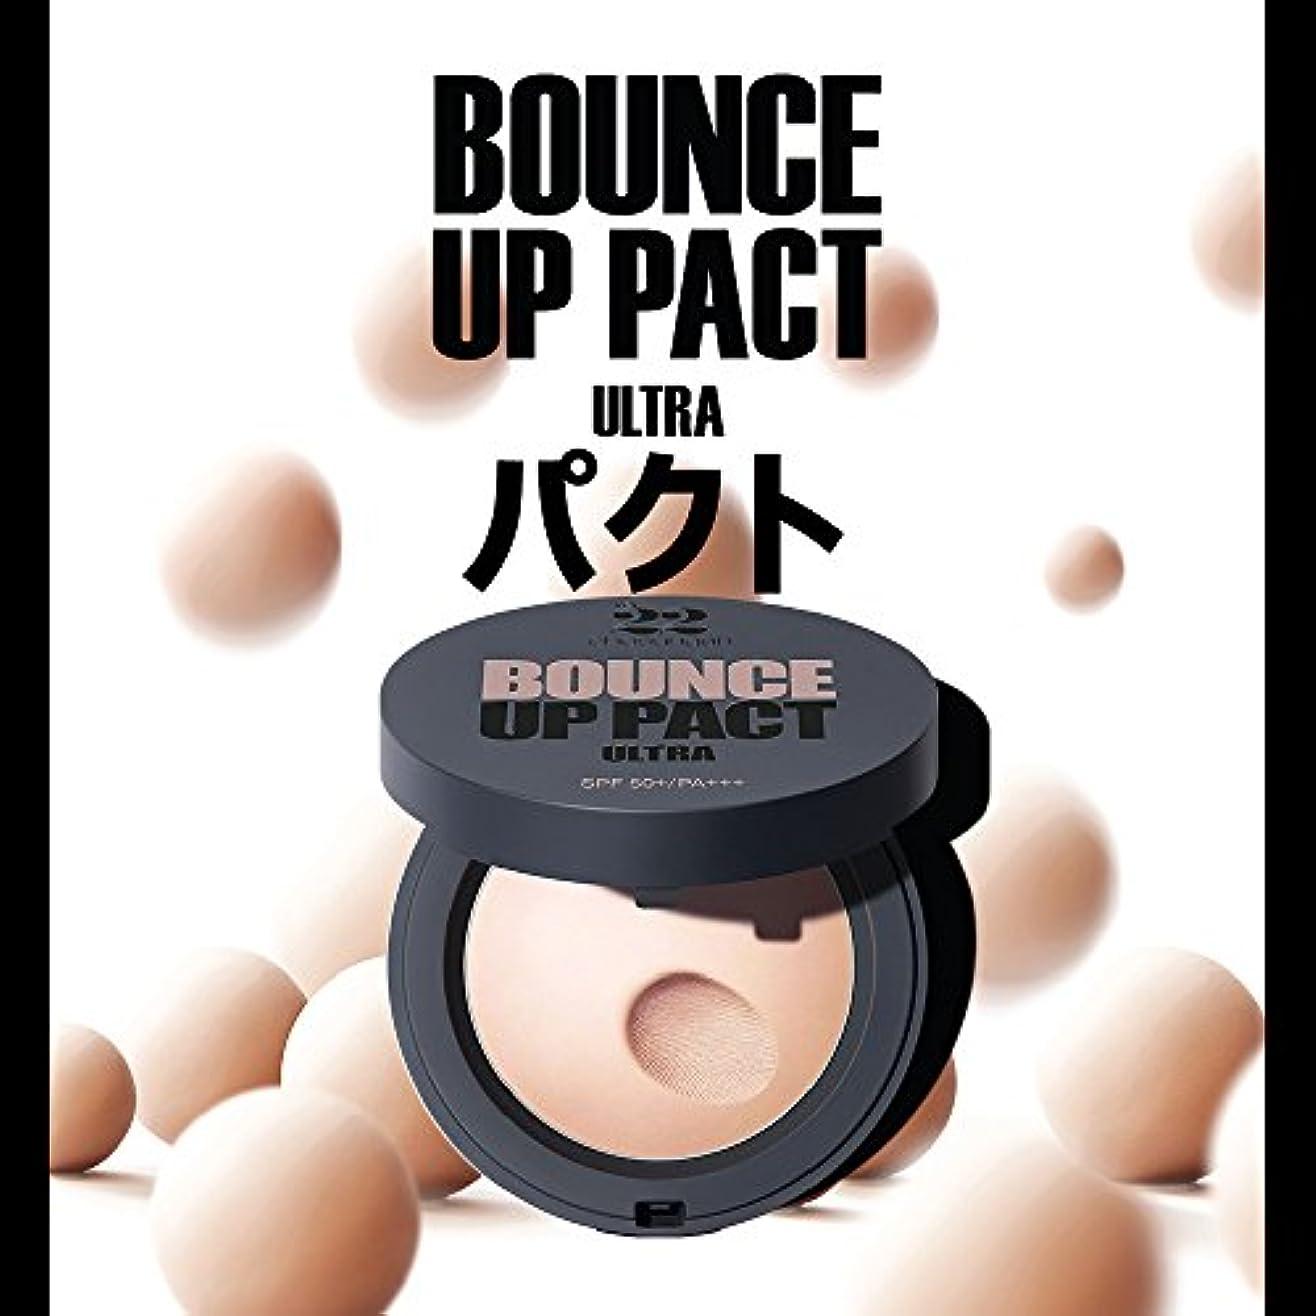 他の場所解明歩行者チョソンア22 バウンスアップ パクト チョソンア chosungah22 Bounce Up Pact Ultra ★ 韓国 コスメ 韓国コスメ メイク アップ 2号サンドベージュ,パウダータイプ 2号サンドベージュ,パウダータイプ